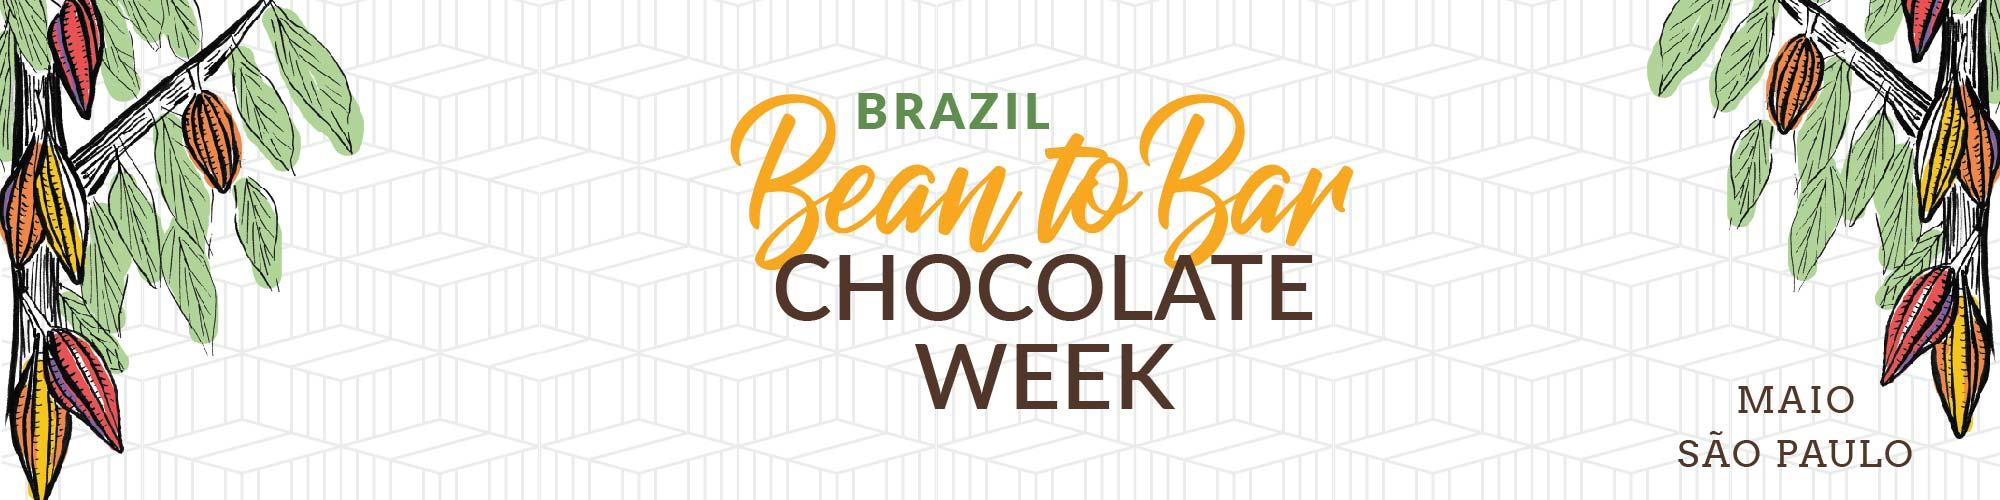 """""""Chocolate Week"""" revela novidades, inovações e desafios do setor artesanal"""